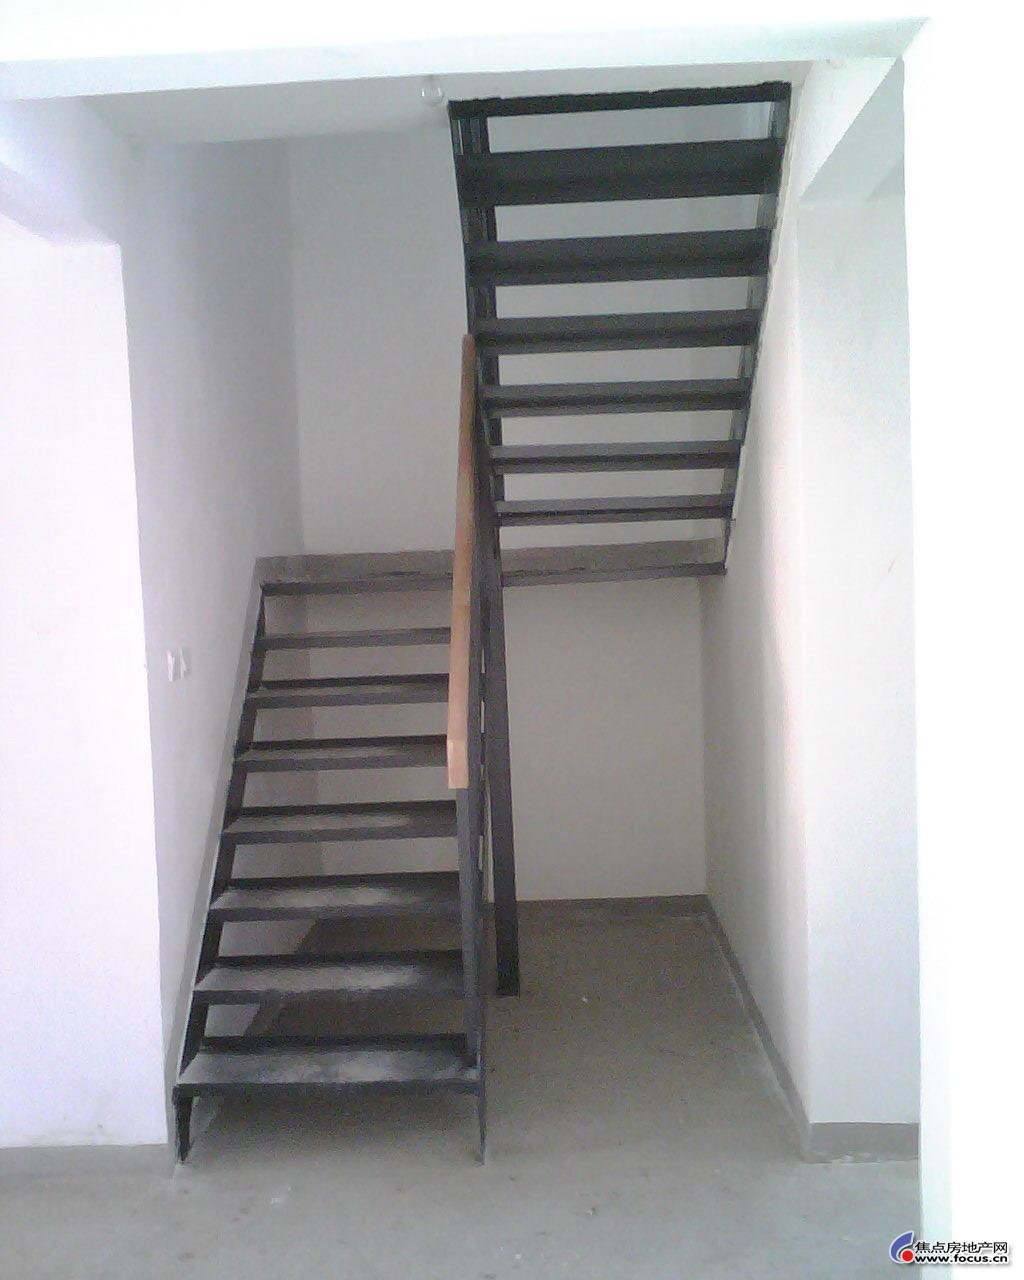 楼梯结构看起来很结实